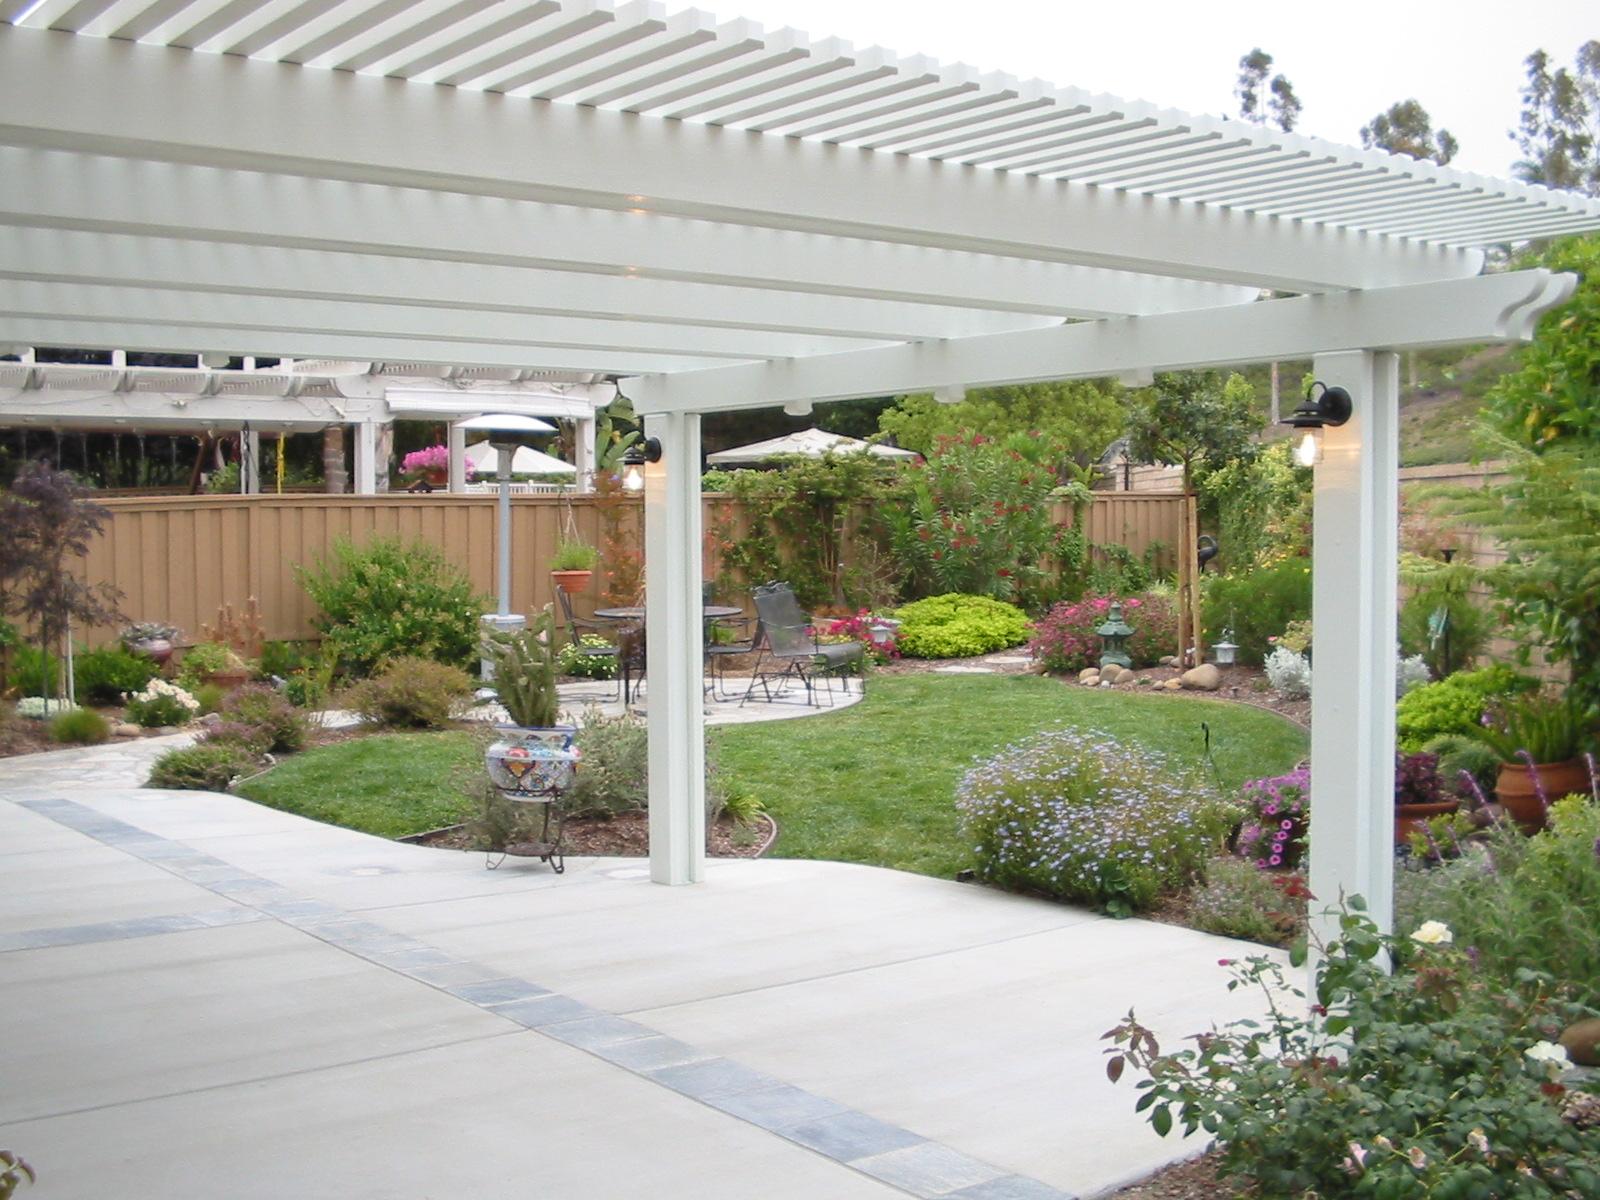 12 x 15 lattice patio cover